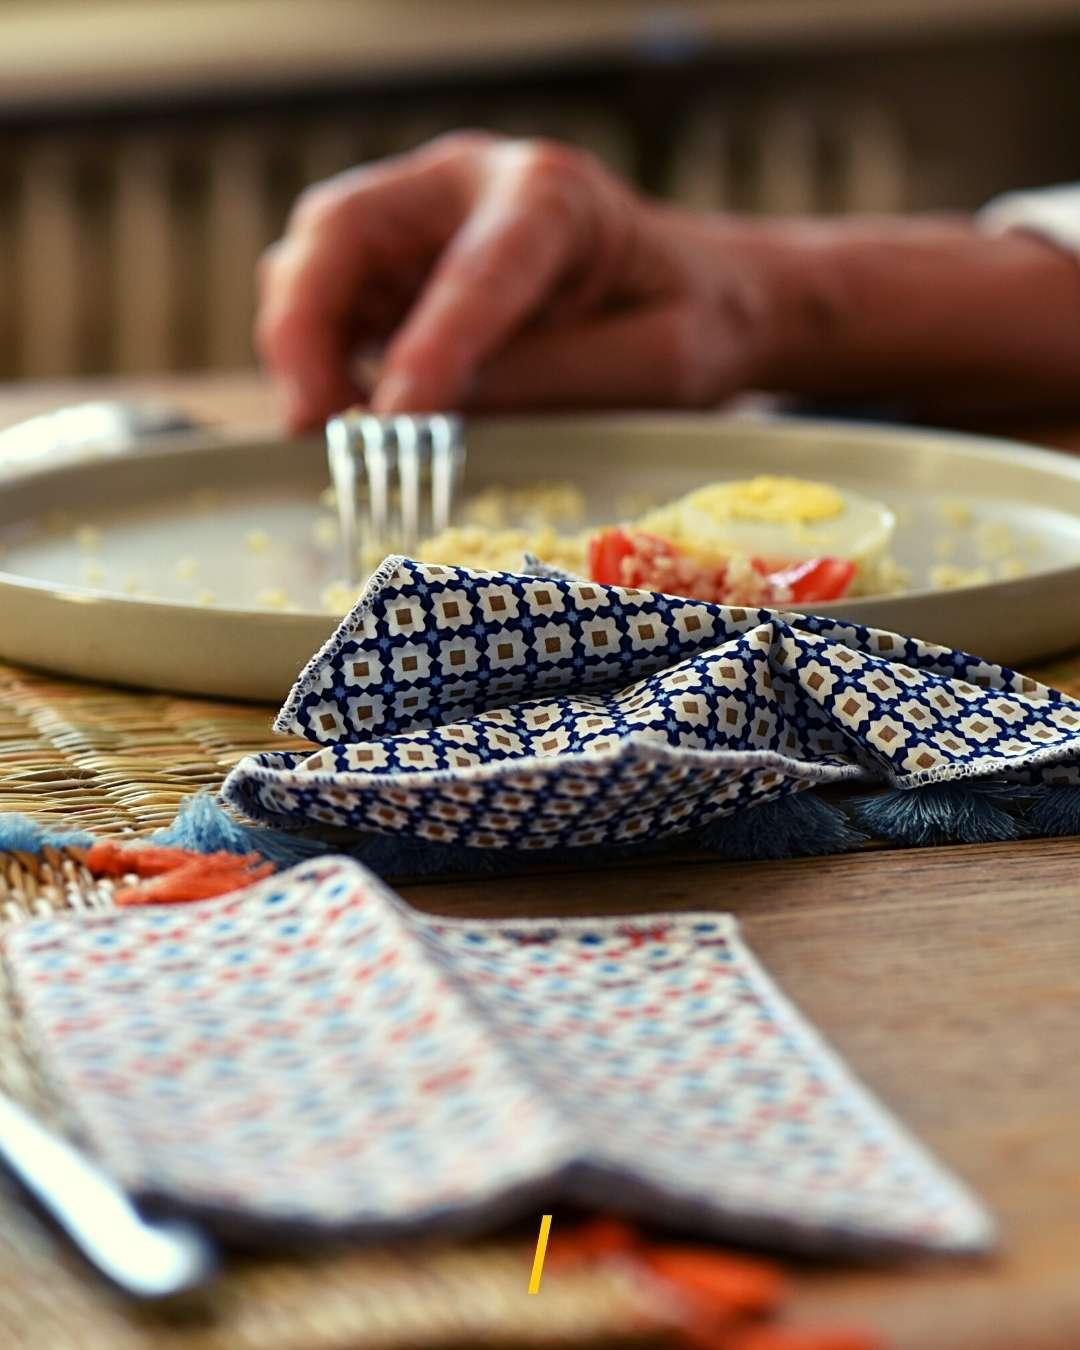 Serviettes de table écologiques